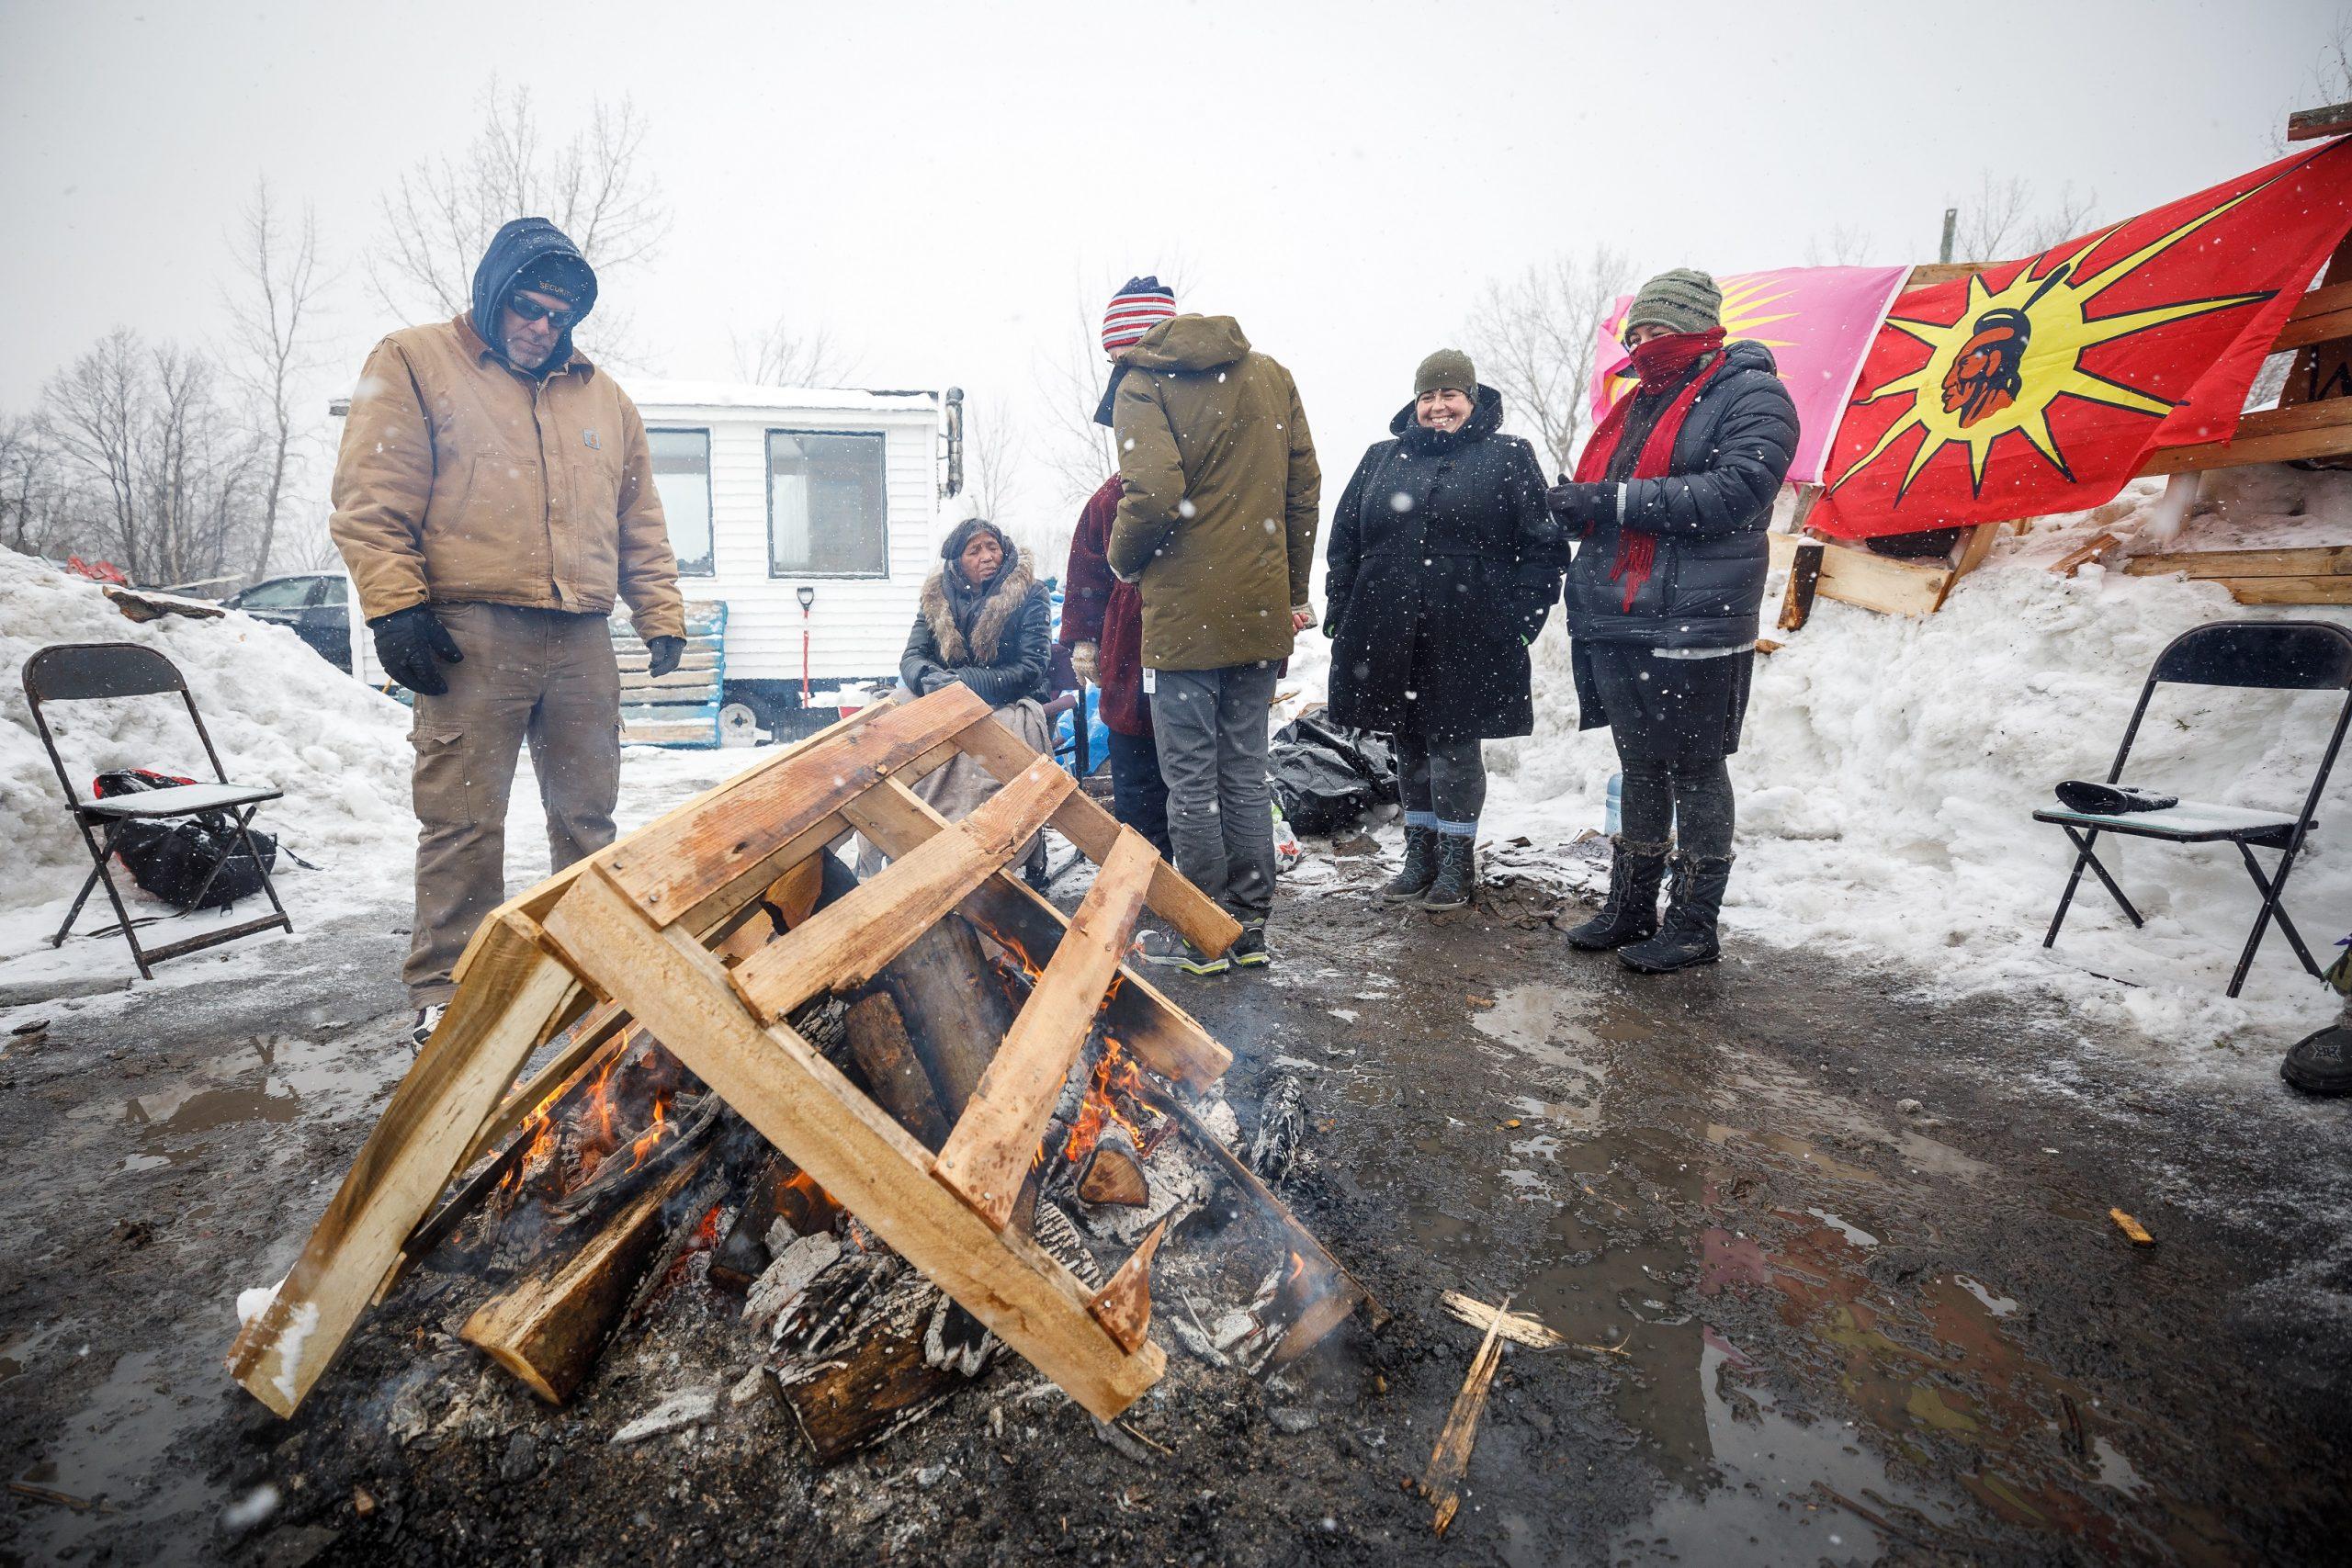 Les Mohawks bloquent les voies ferrées près de Montréal en solidarité avec la nation Wet'suwet'sen. (Photo: Denis Germain)